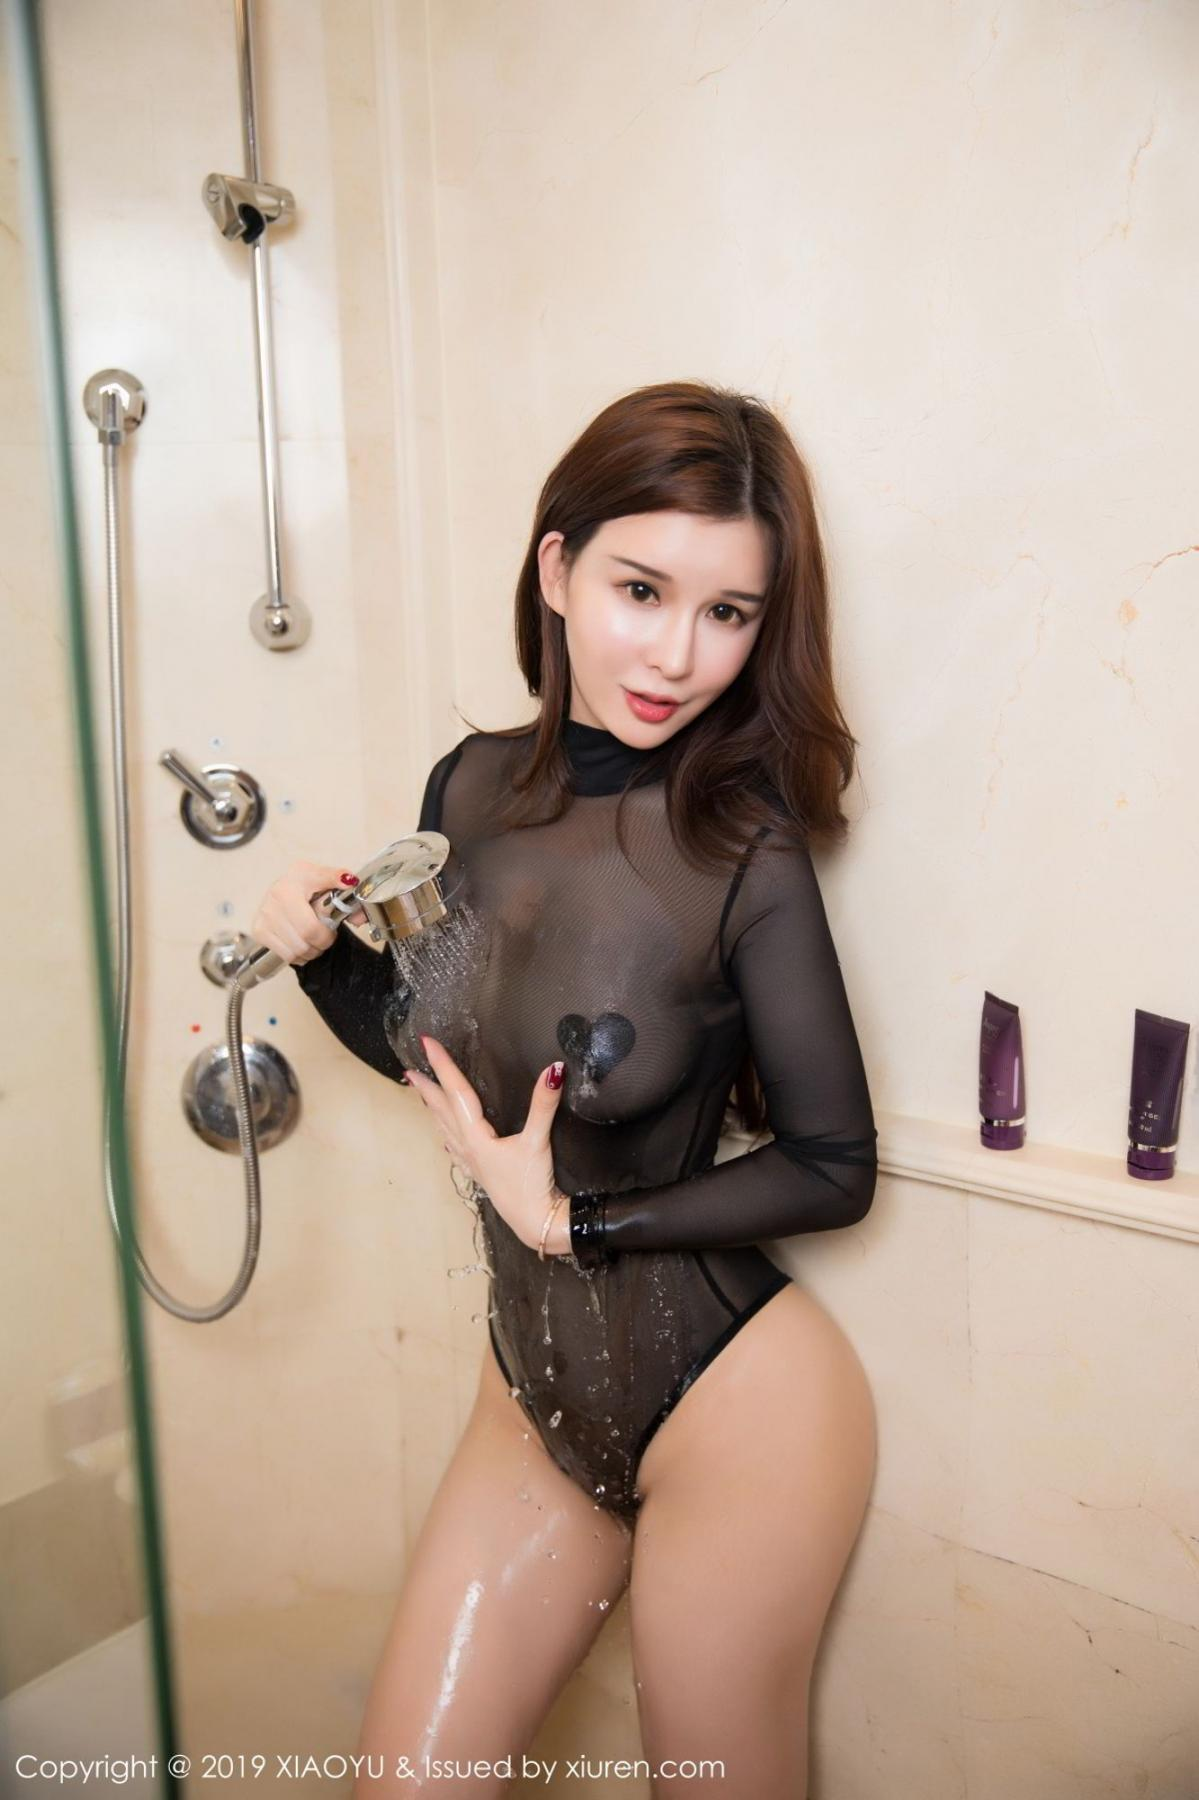 [XiaoYu] Vol.091 Chun Xiao Xi 37P, Bathroom, Chun Xiao Xi, Wet, XiaoYu